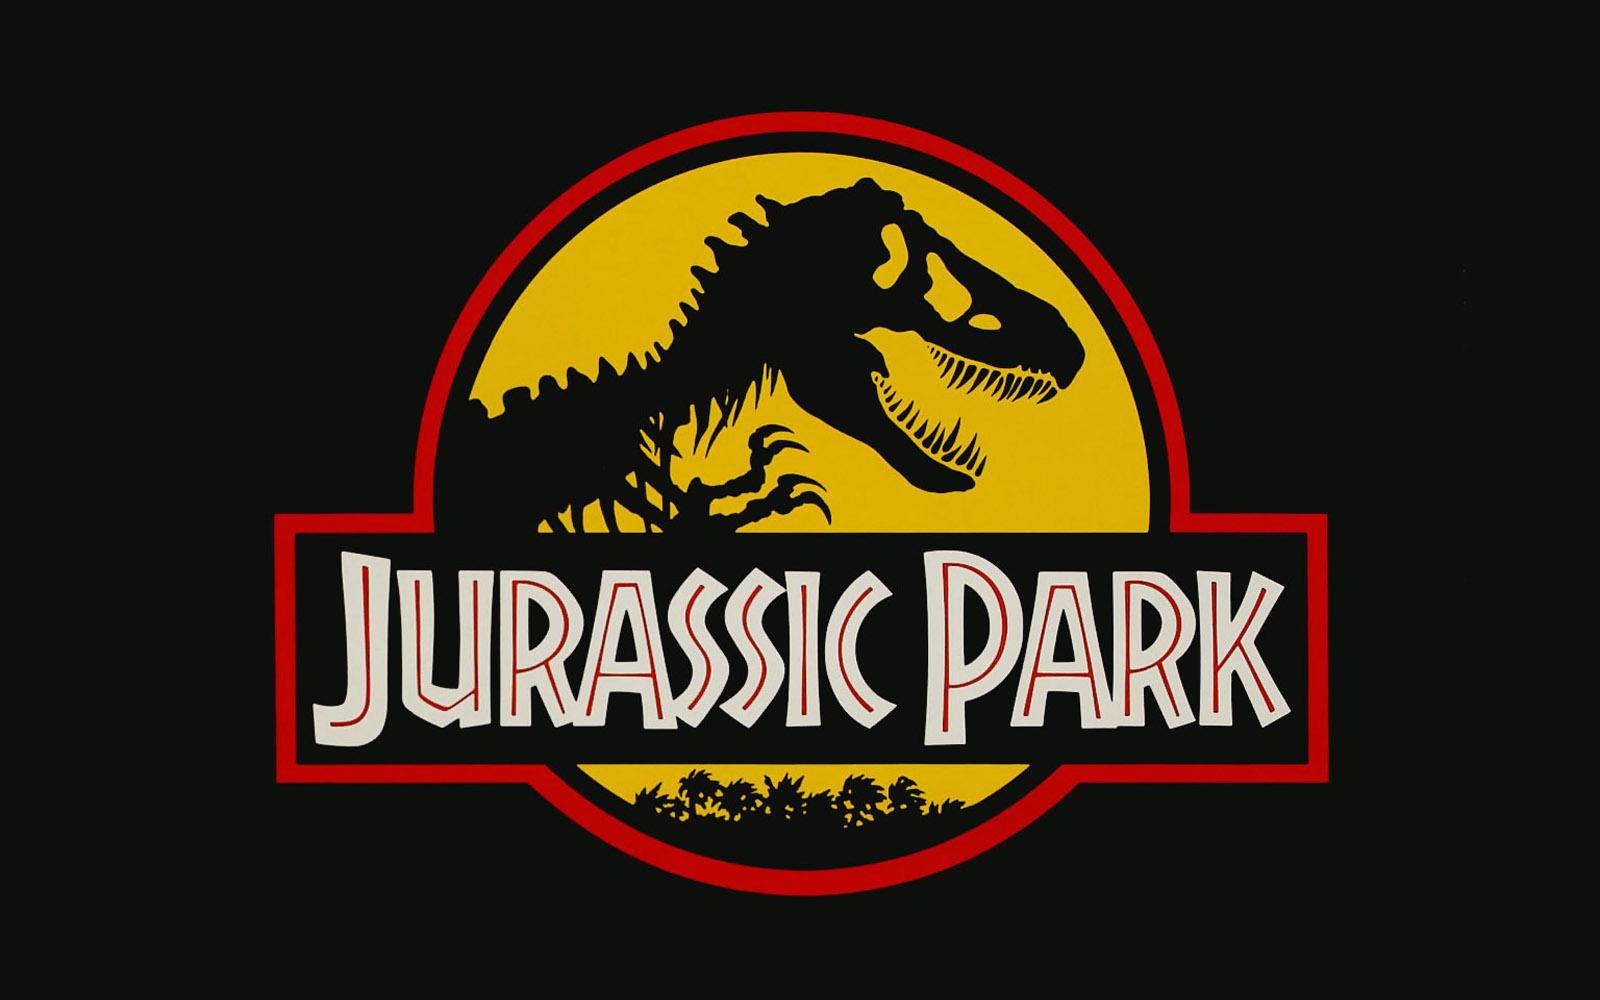 Jurassic Park Know Your Meme